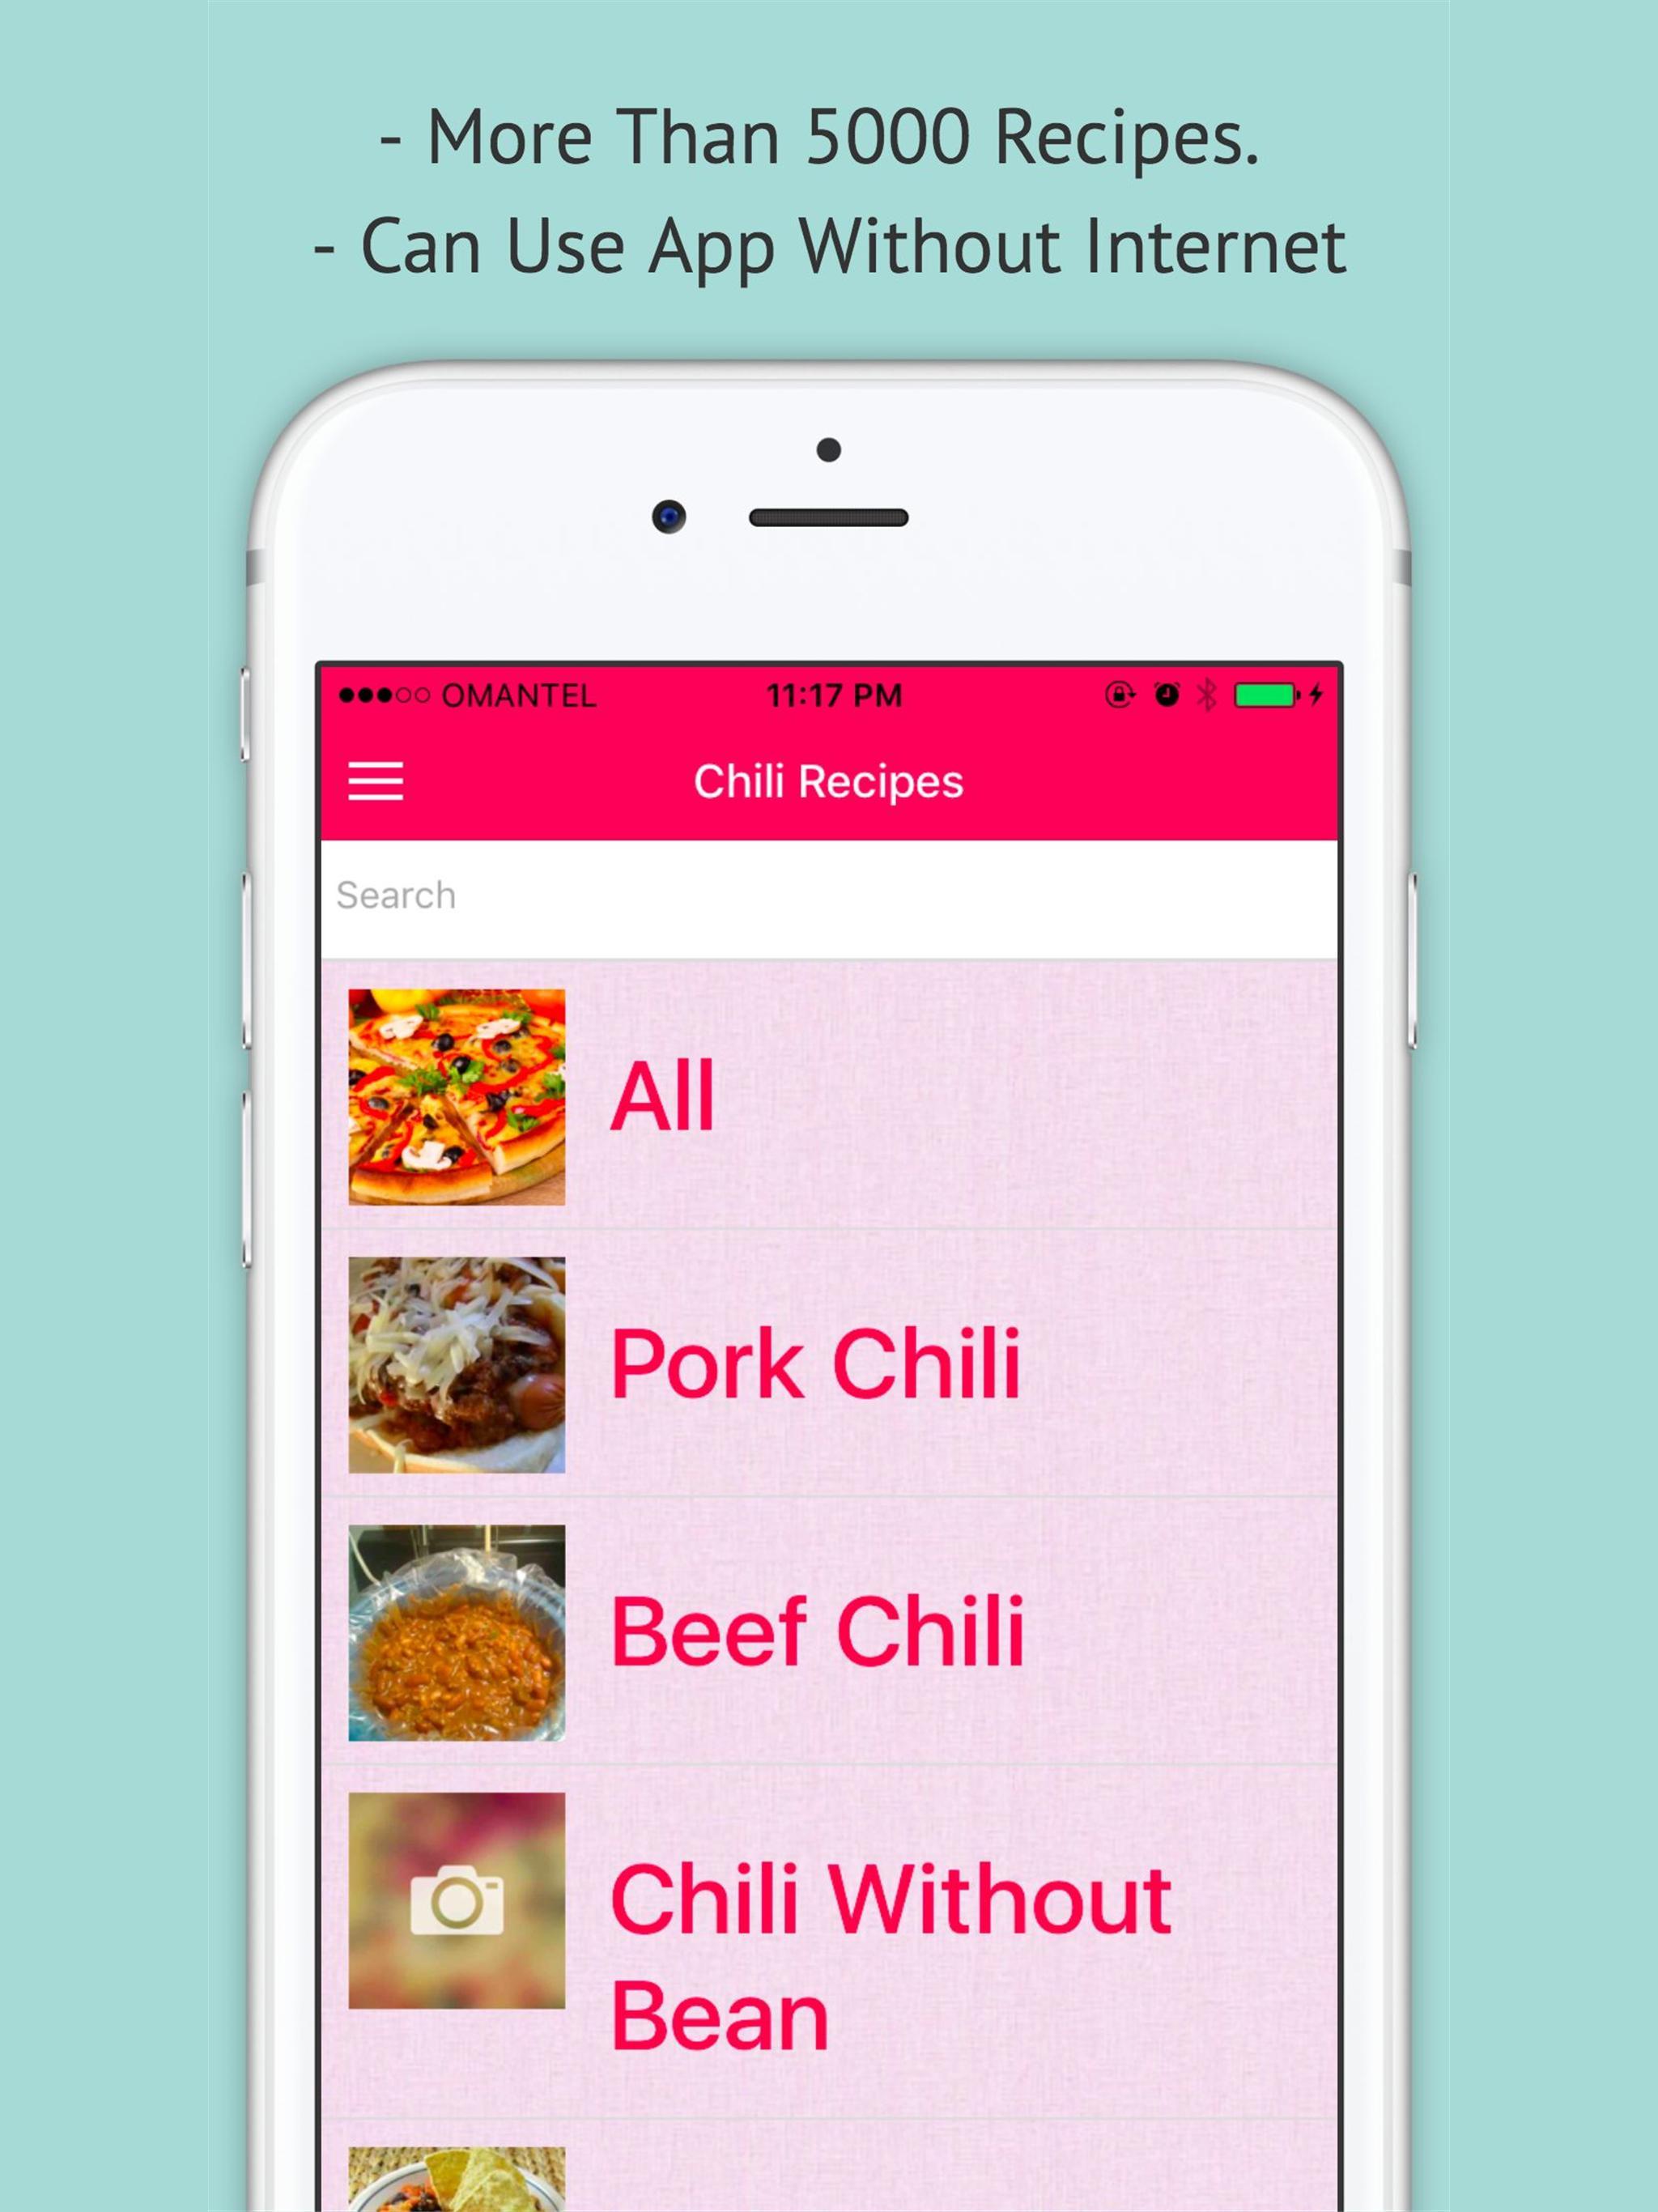 Chili Recipe — Offline Recipe for Chili 3